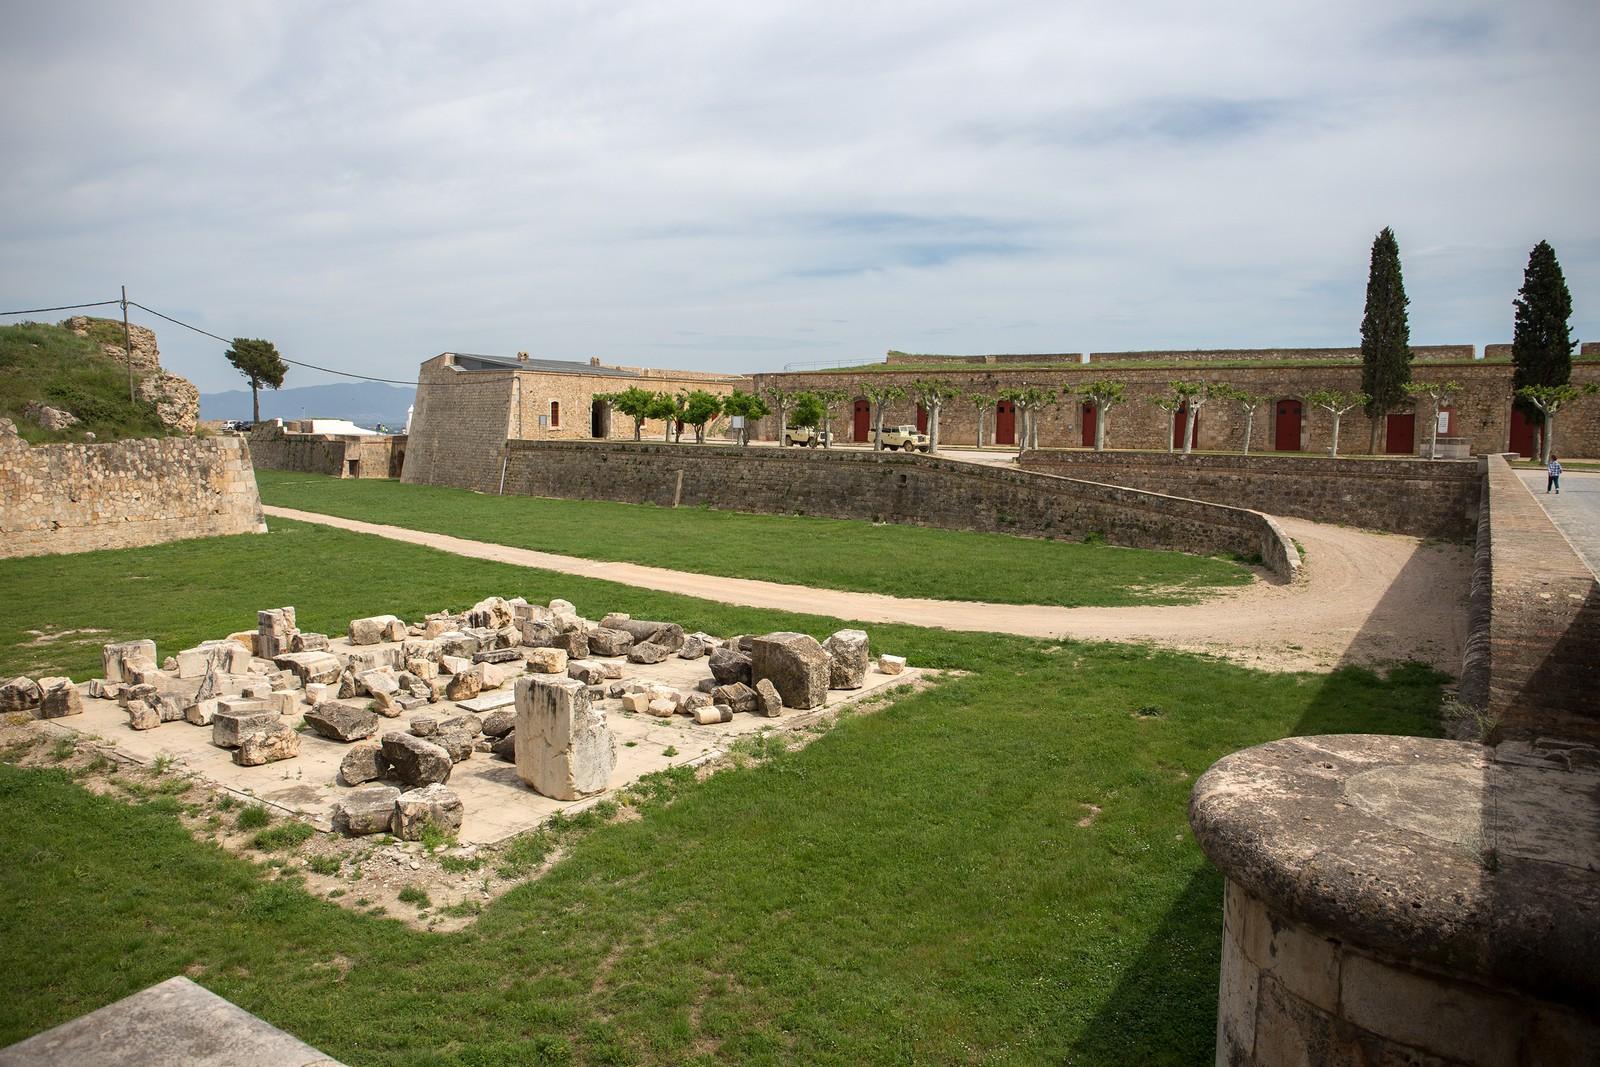 Крепость Святого Фернандо в Фигейрасе (Castillo de San Fernando de Figueres)